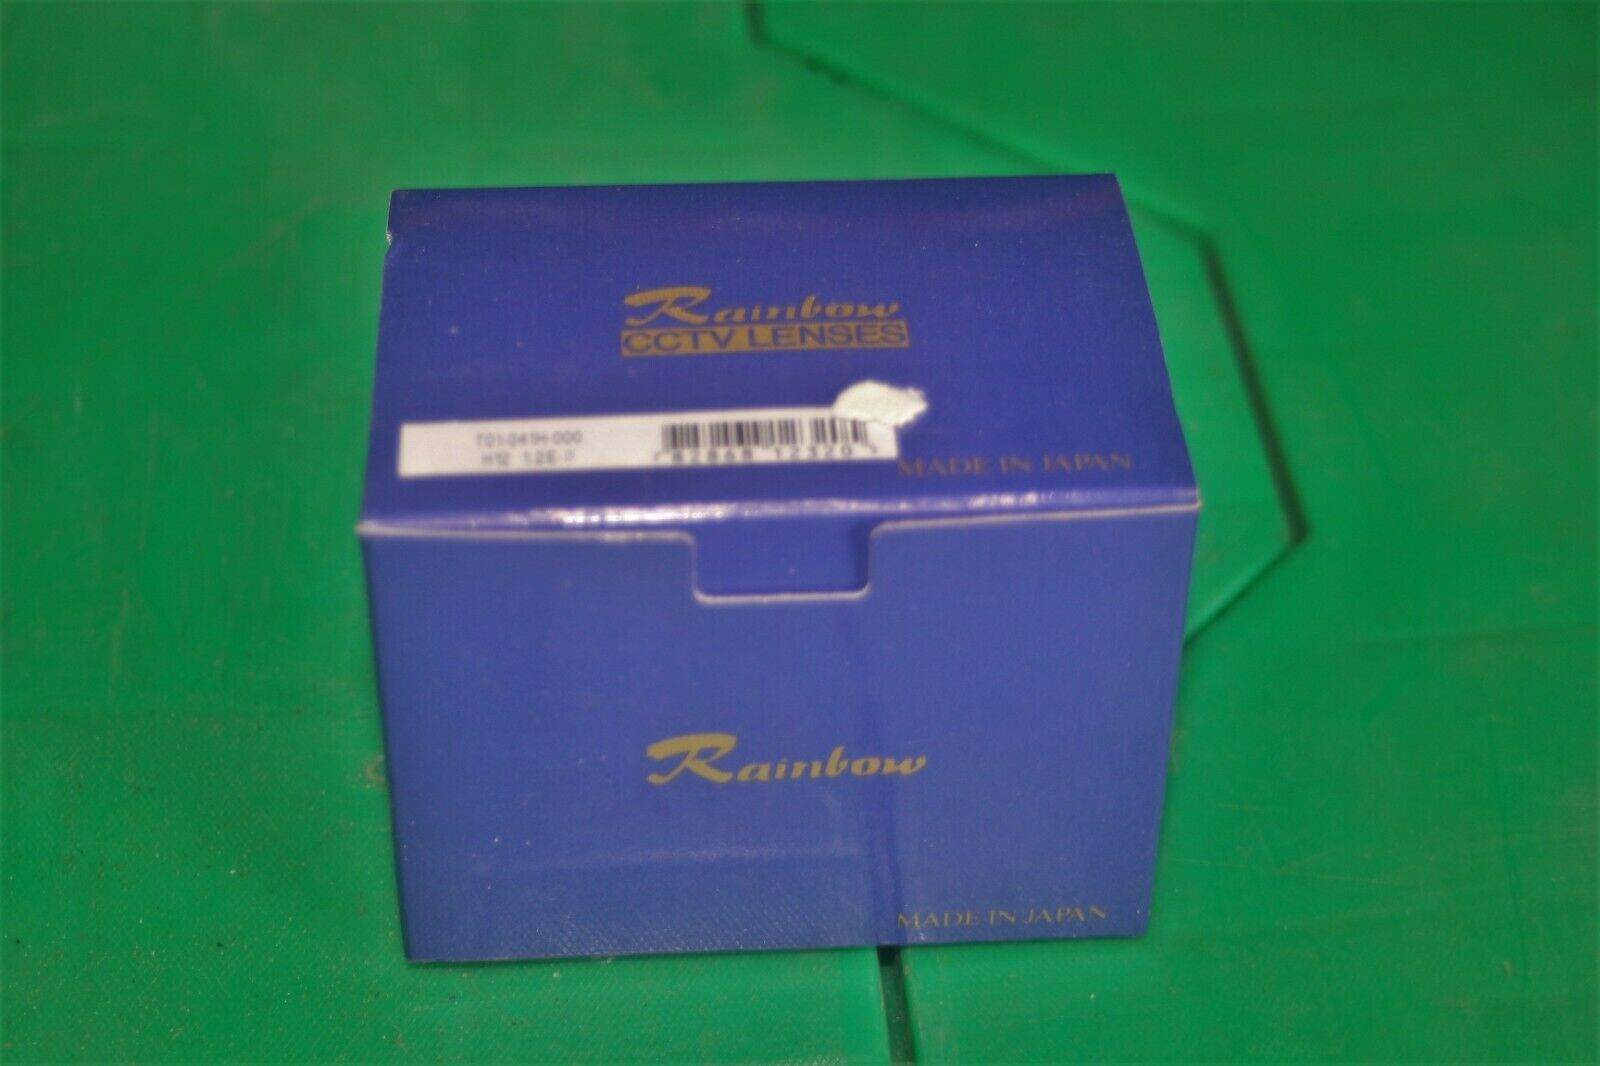 Rainbow CCTV Lens H1.2E-11 Fixed Focal Lens T01-041H-000